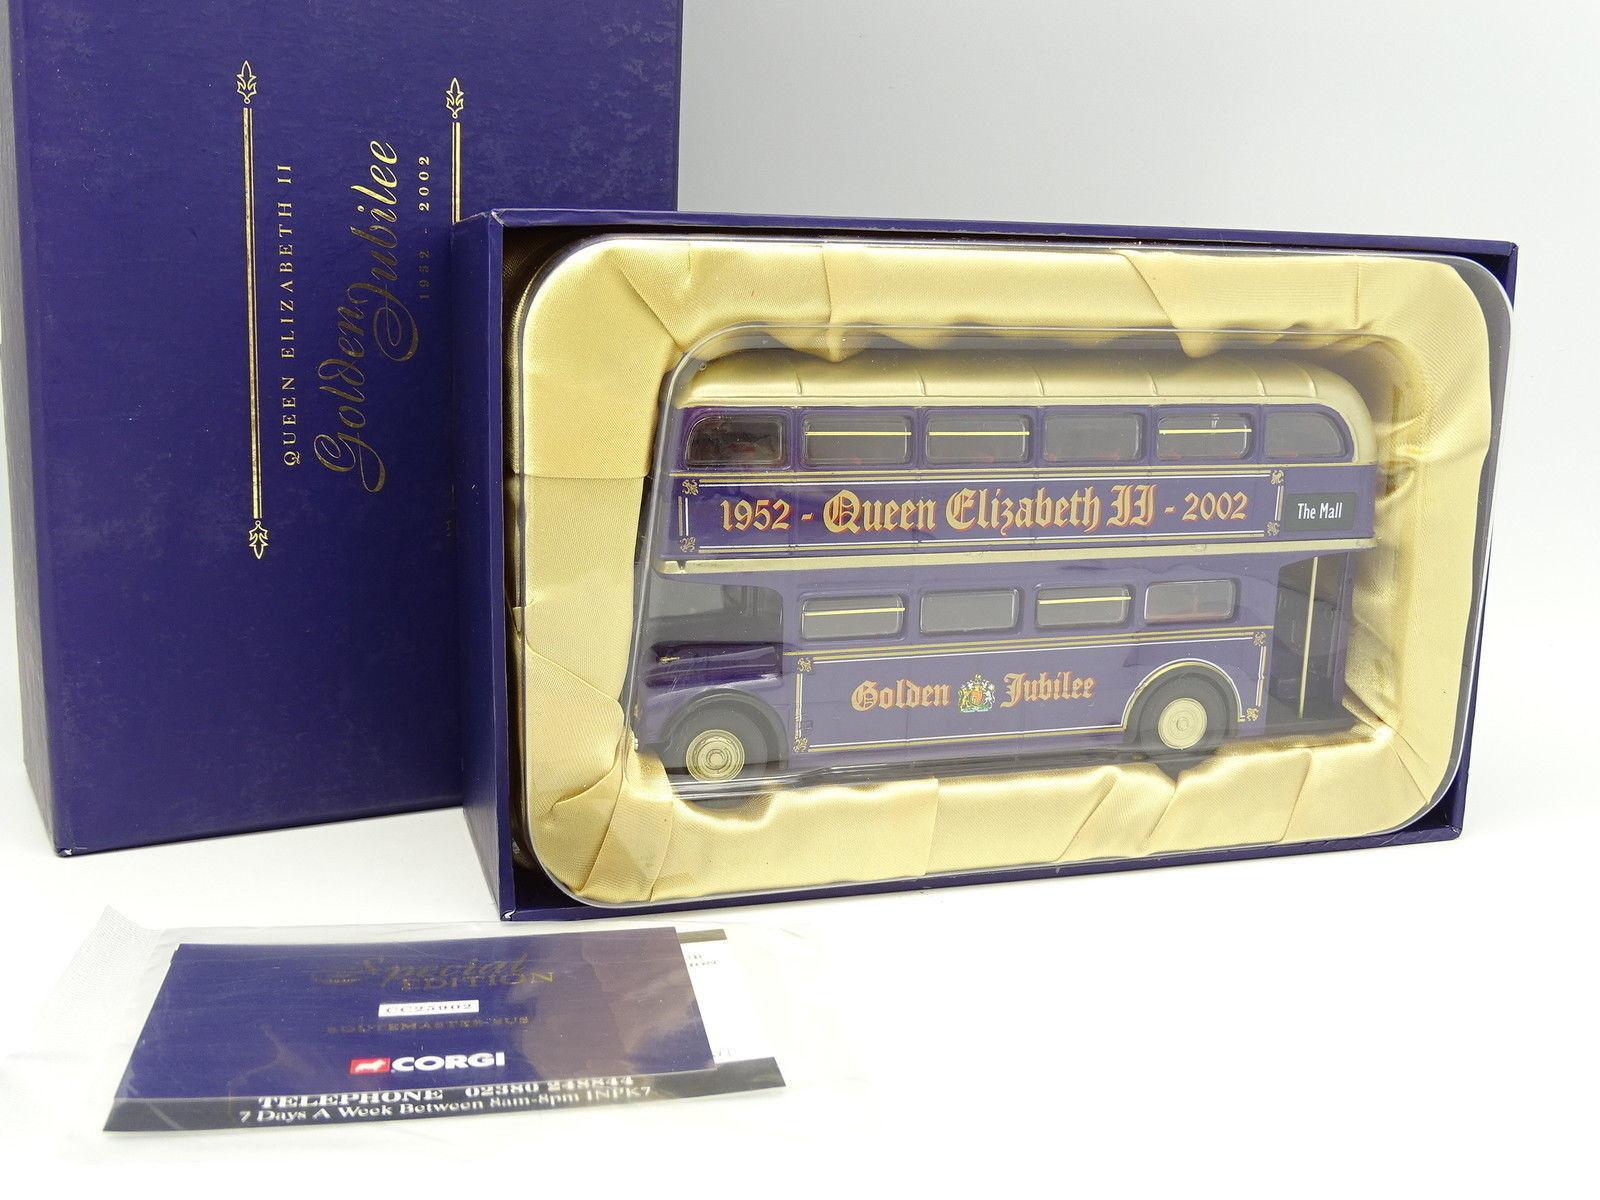 Corgi 1   50 - autobus routemaster - Goldenes jubiläum 2002 queen elizabeth ii